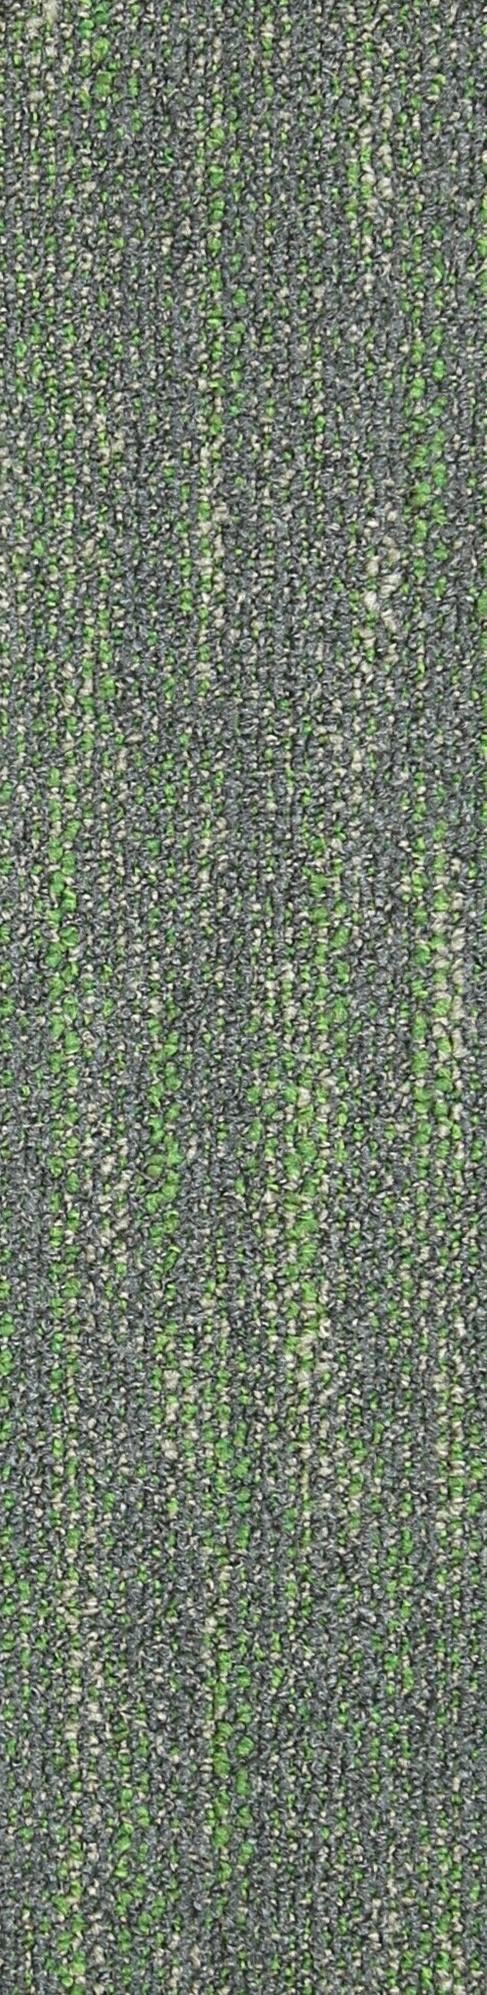 SE10 Seagrass